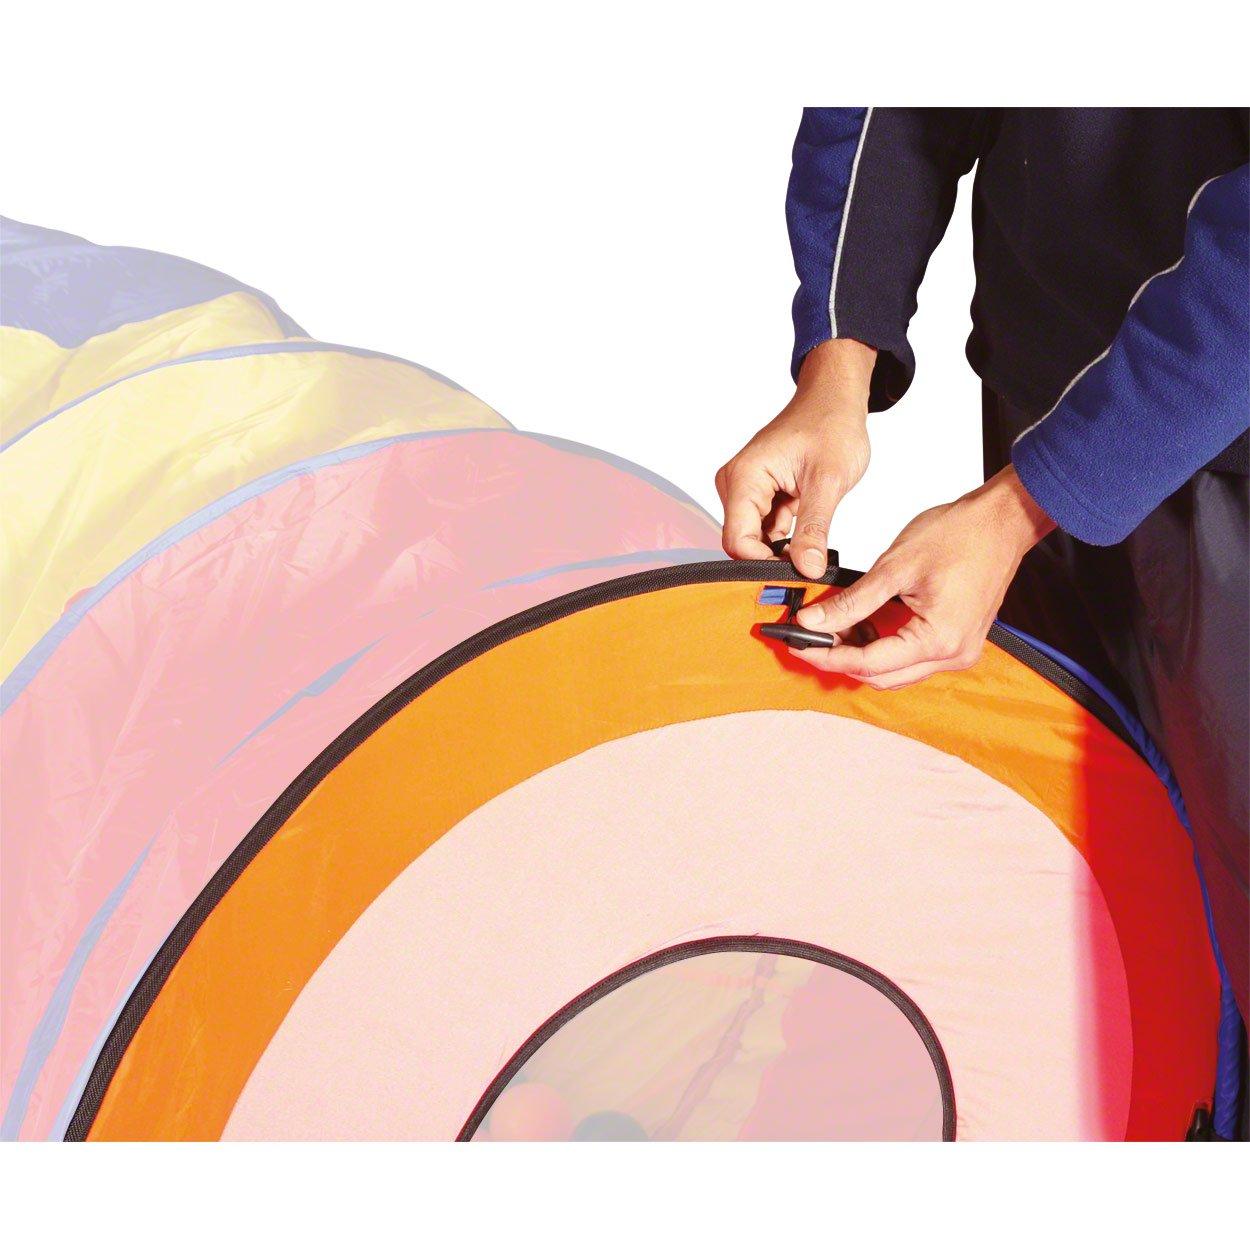 Tunnel Gates für Mega-Kriechtunnel, Kinder-Spieltunnel, Krabbeltunne, Spielzelt